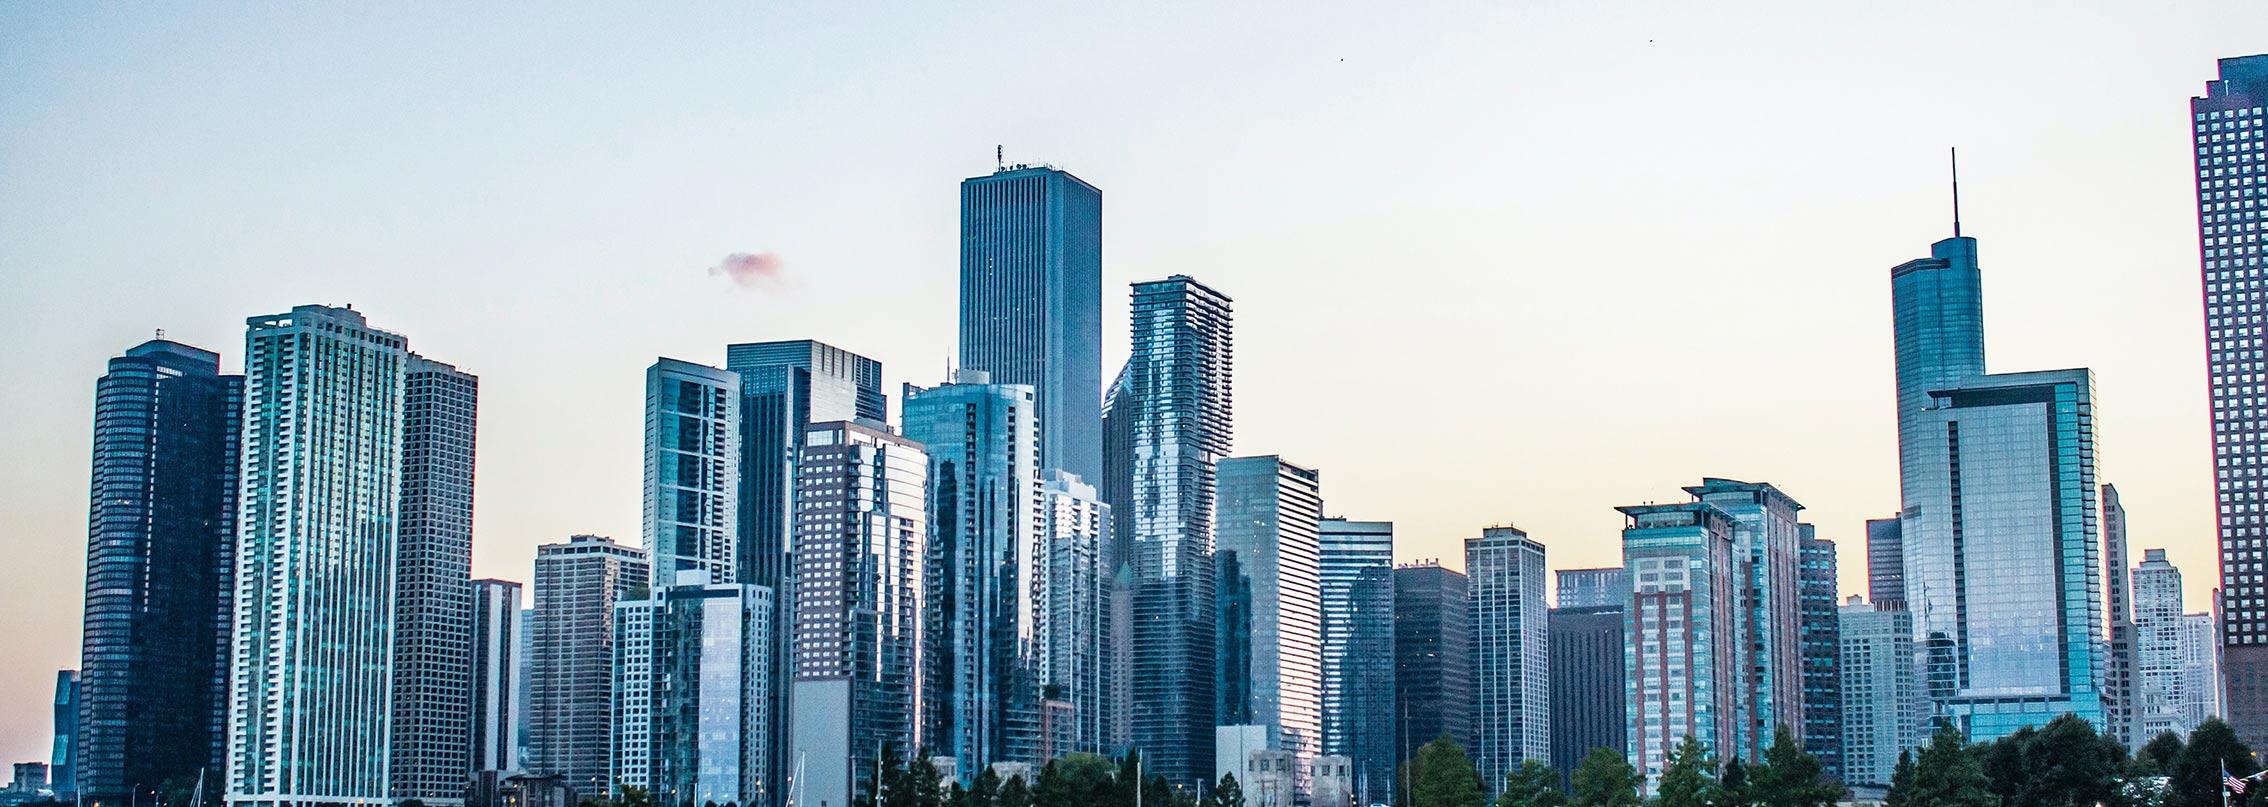 Chicago Plenum